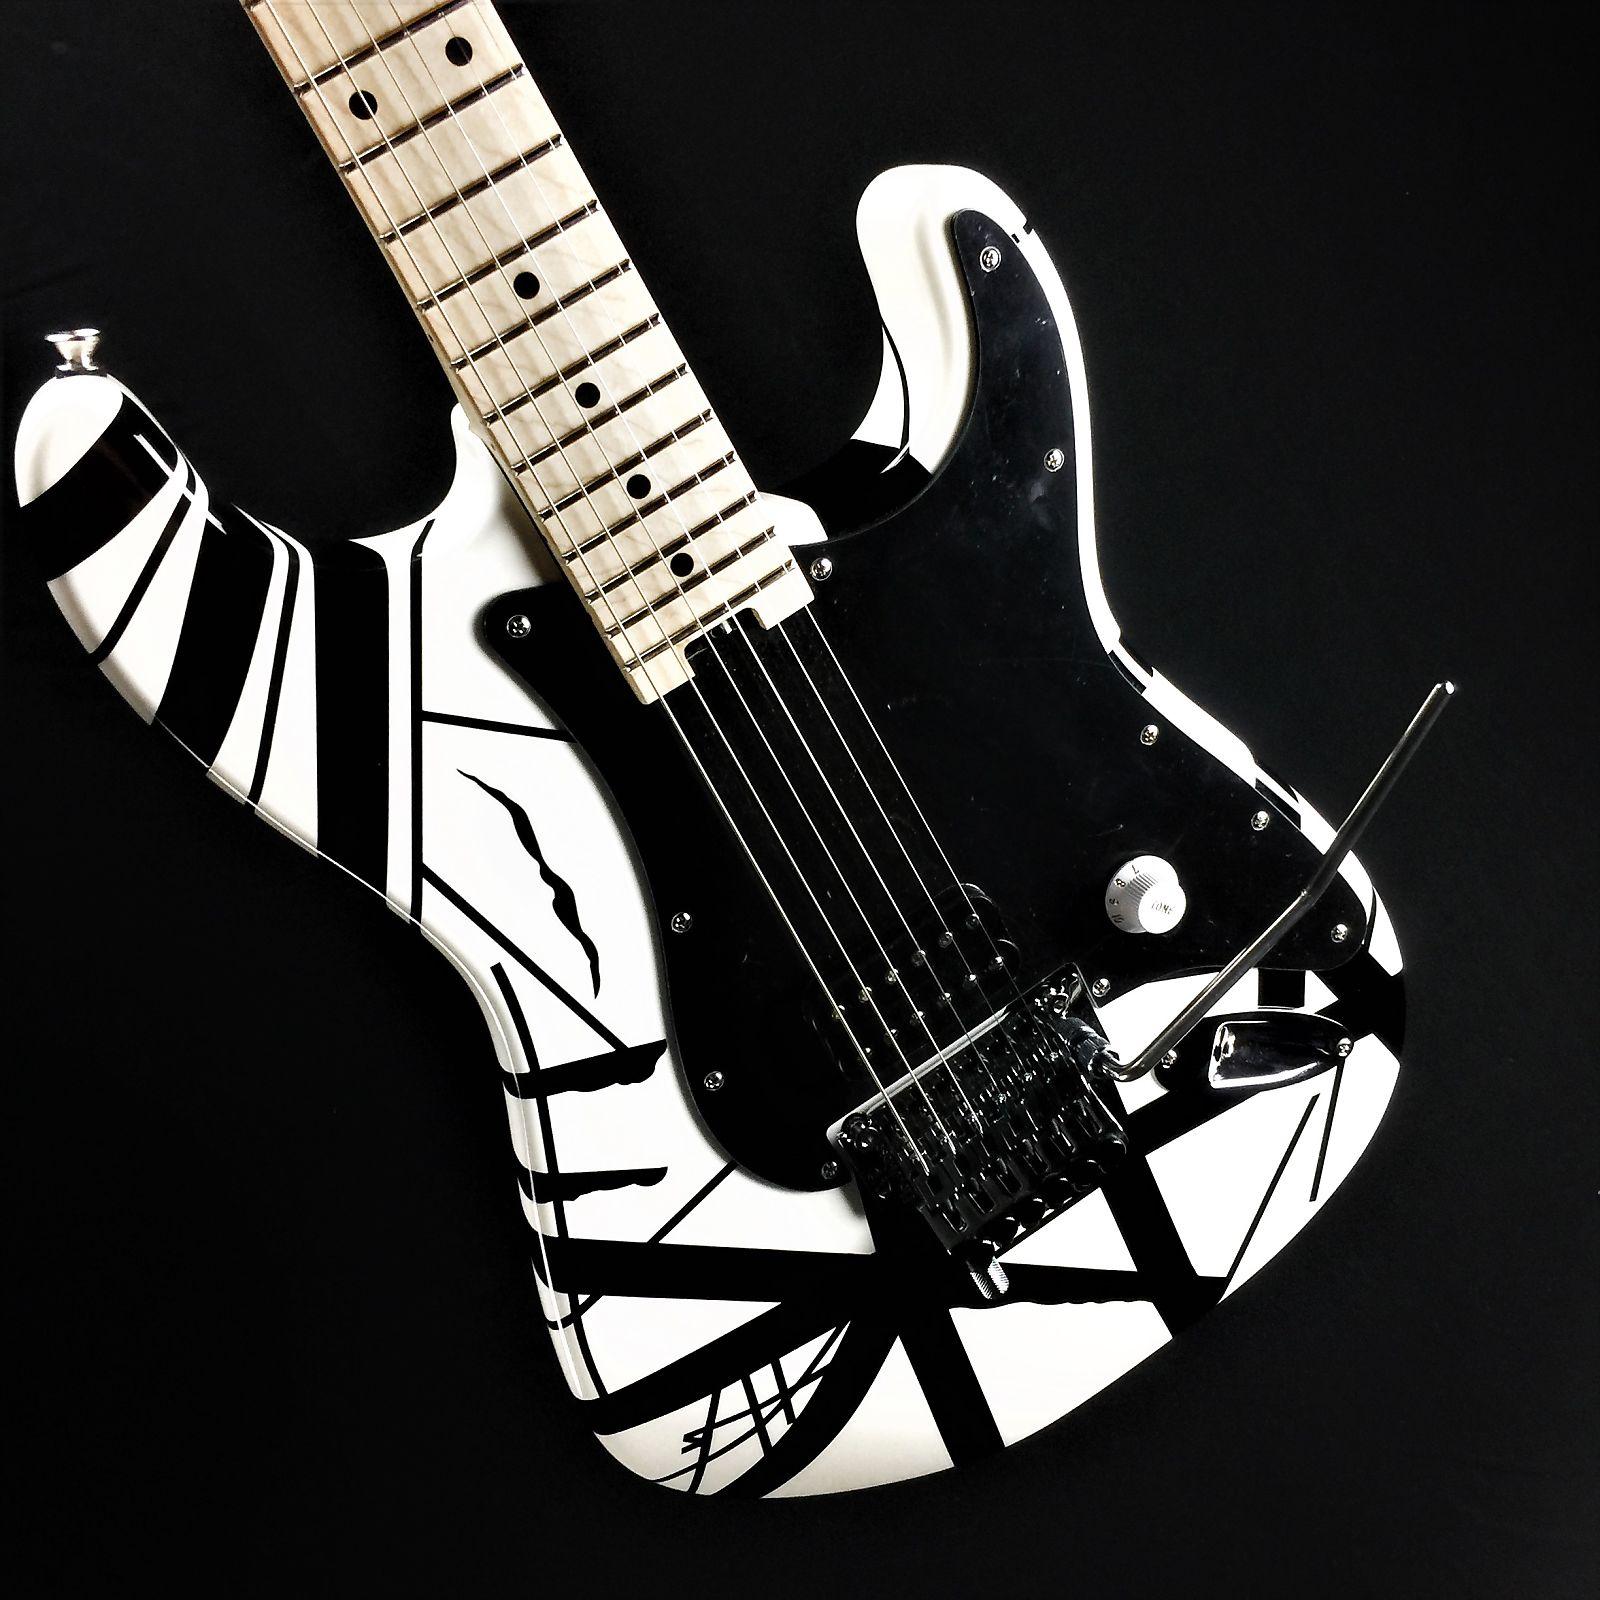 39aa075795d EVH Striped Series- White w  black stripes